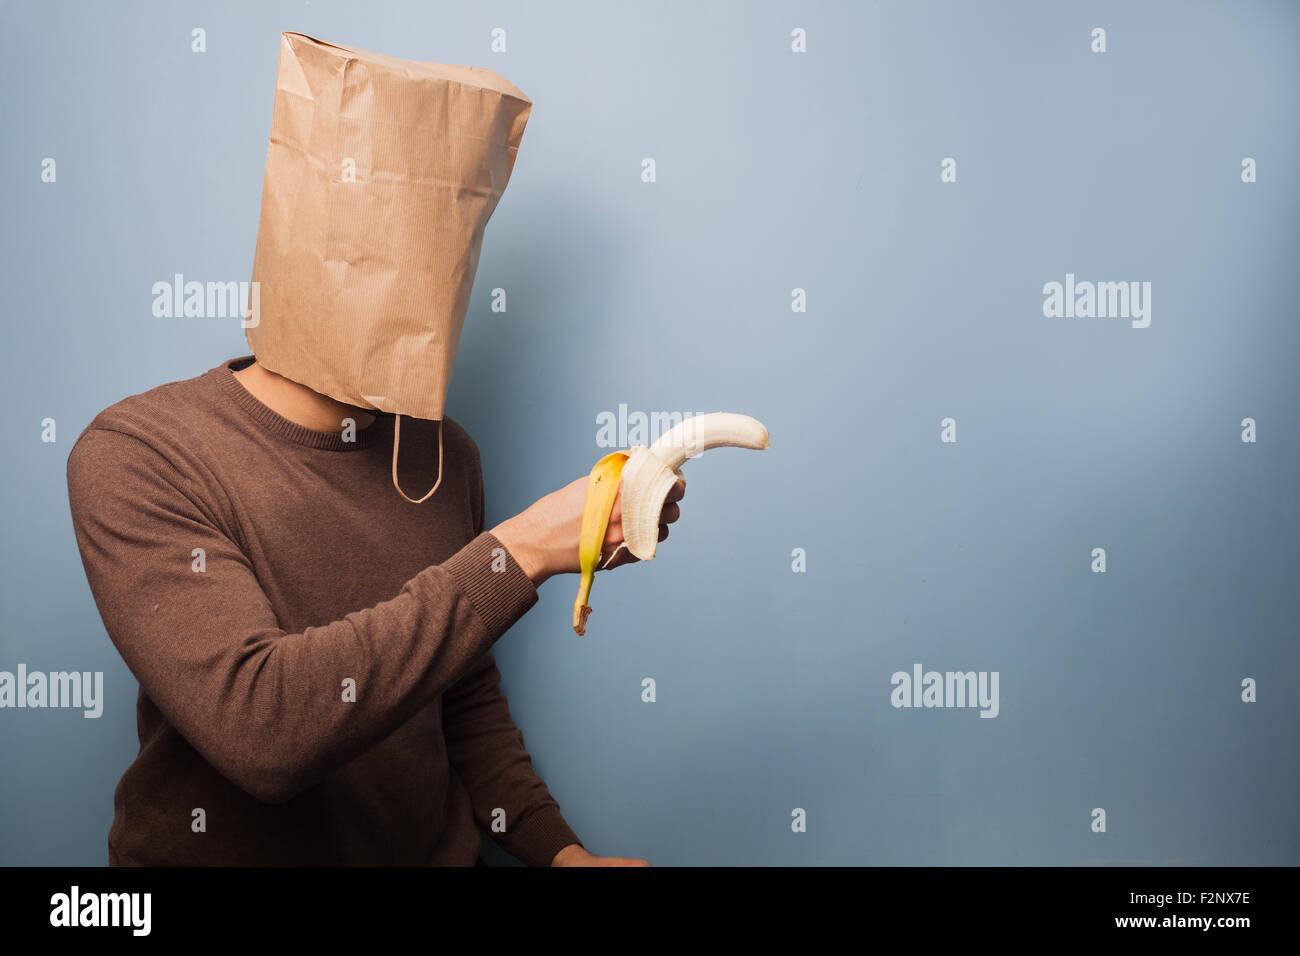 Un hombre joven con una bolsa de papel sobre su cabeza esté apuntando un plátano como si se tratara de Imagen De Stock